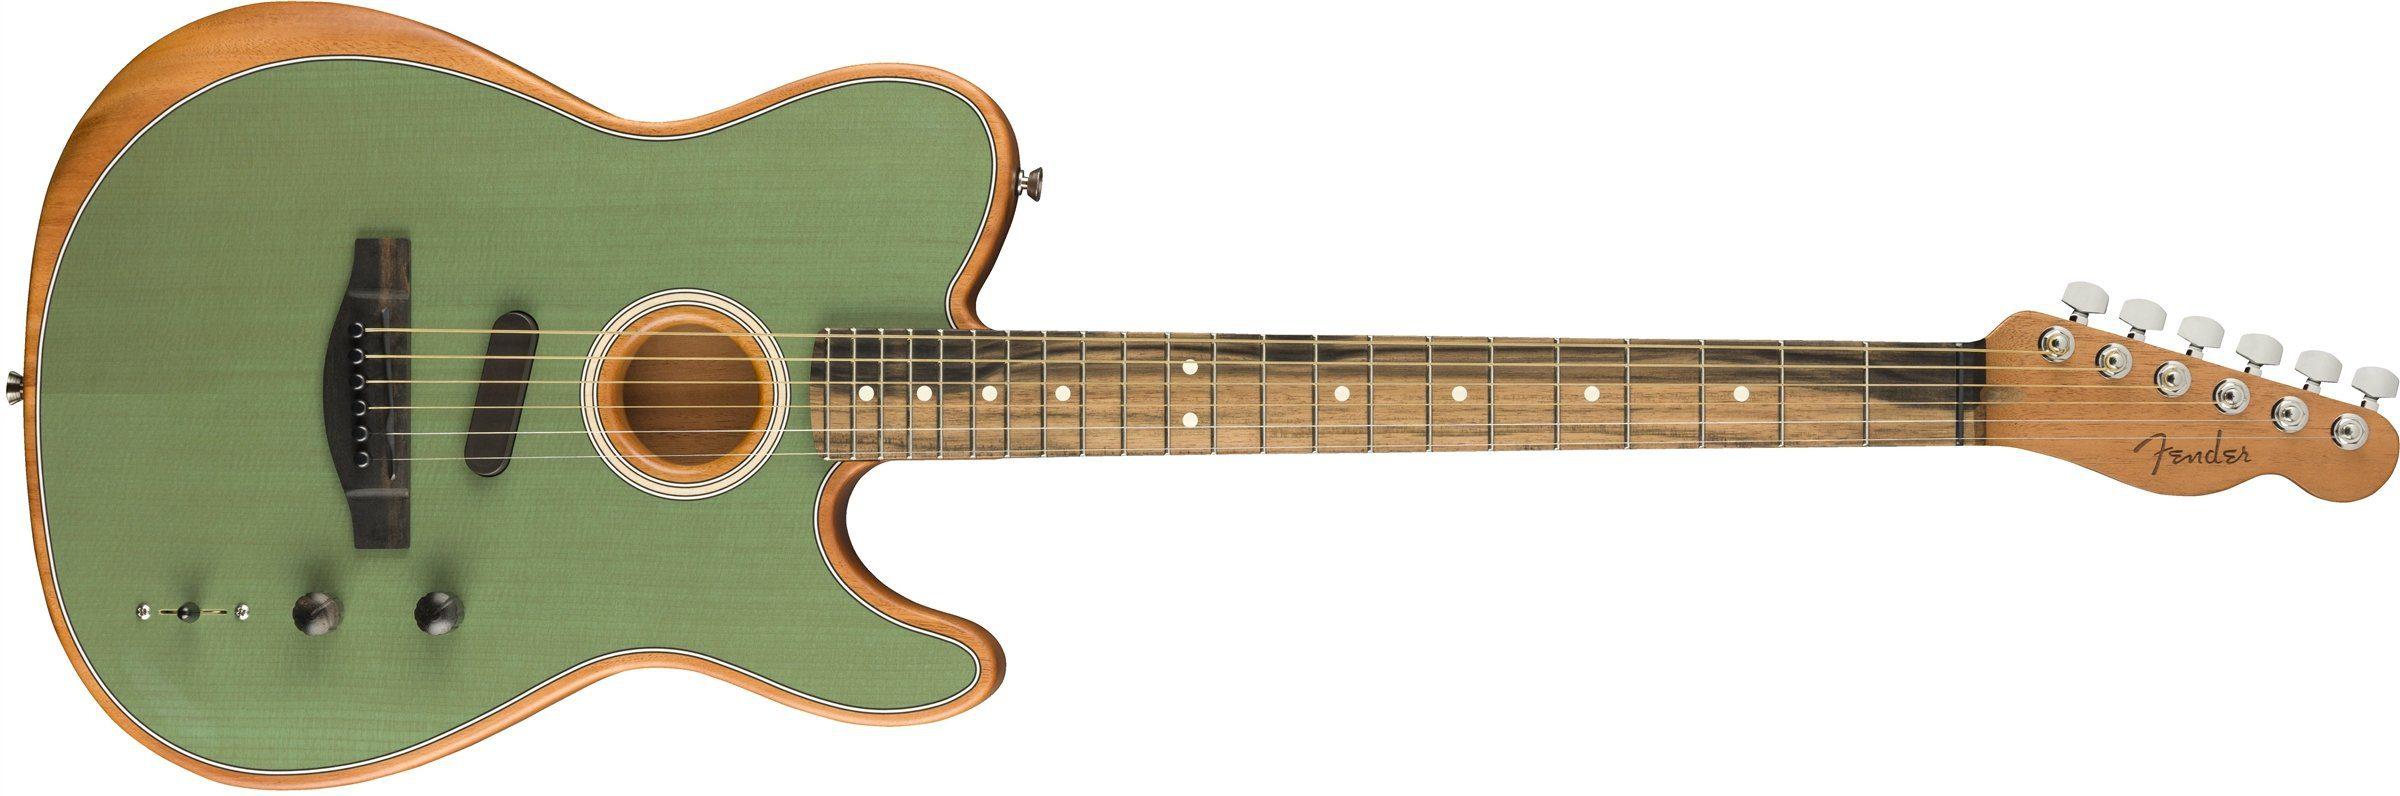 fender-American-Acoustasonic-Telecaster-surf green